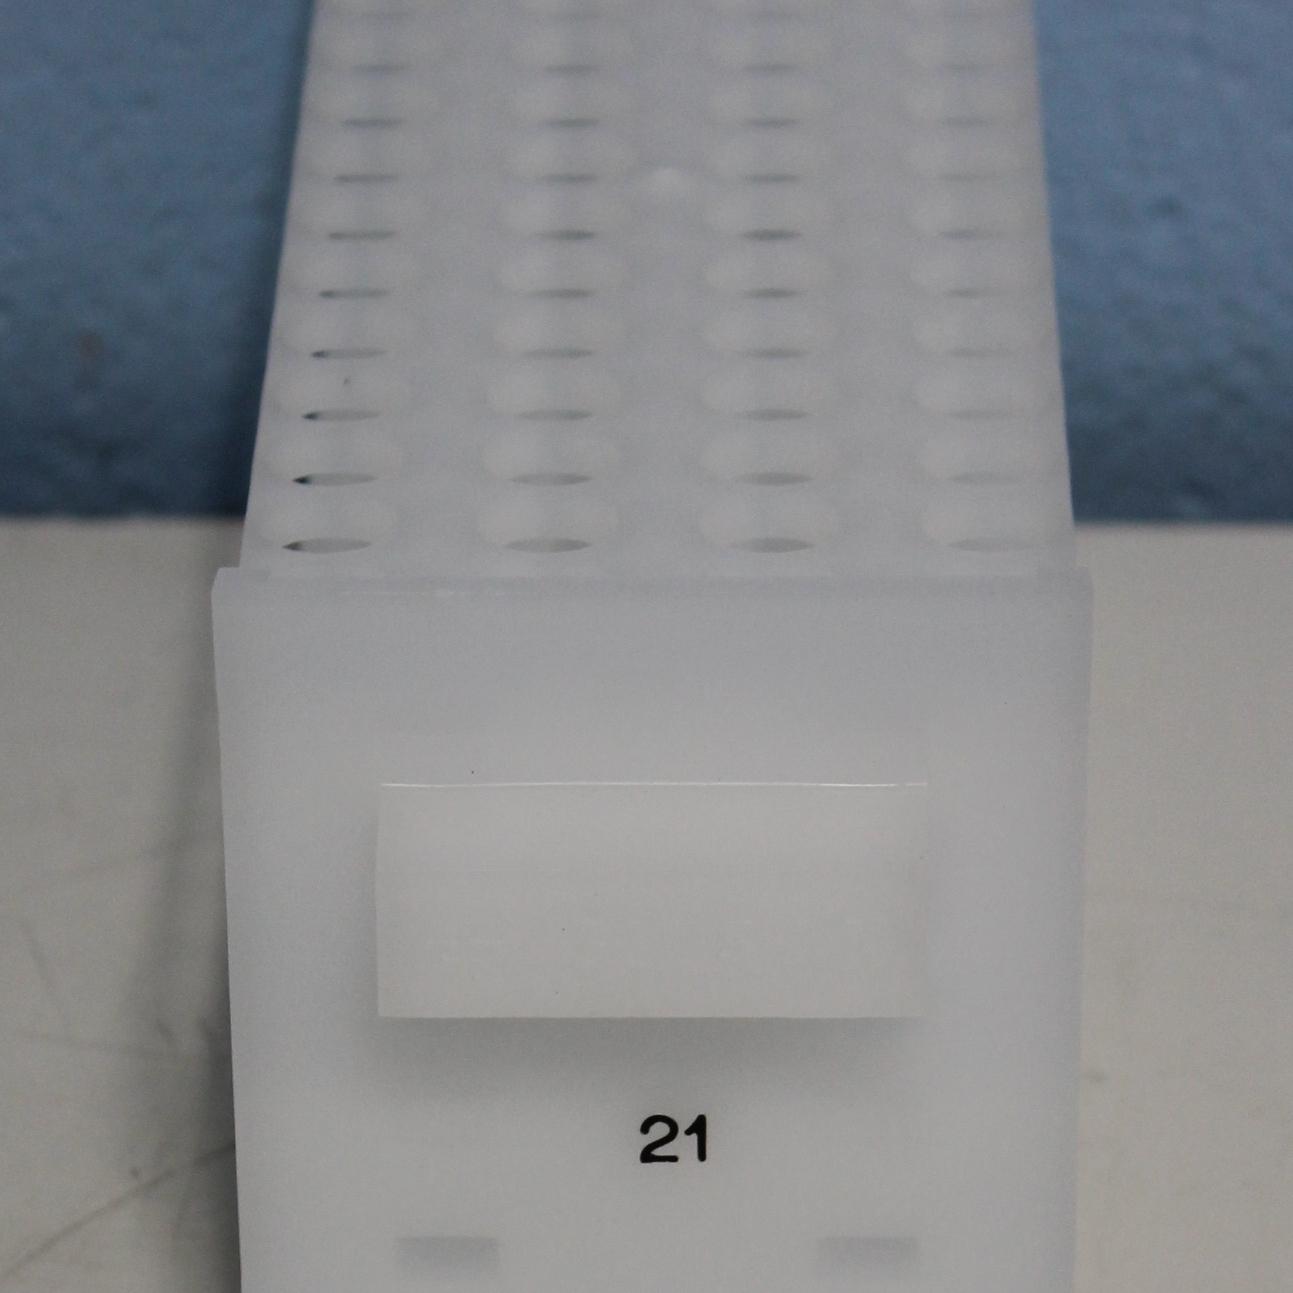 Gilson Rack Code 21 Image